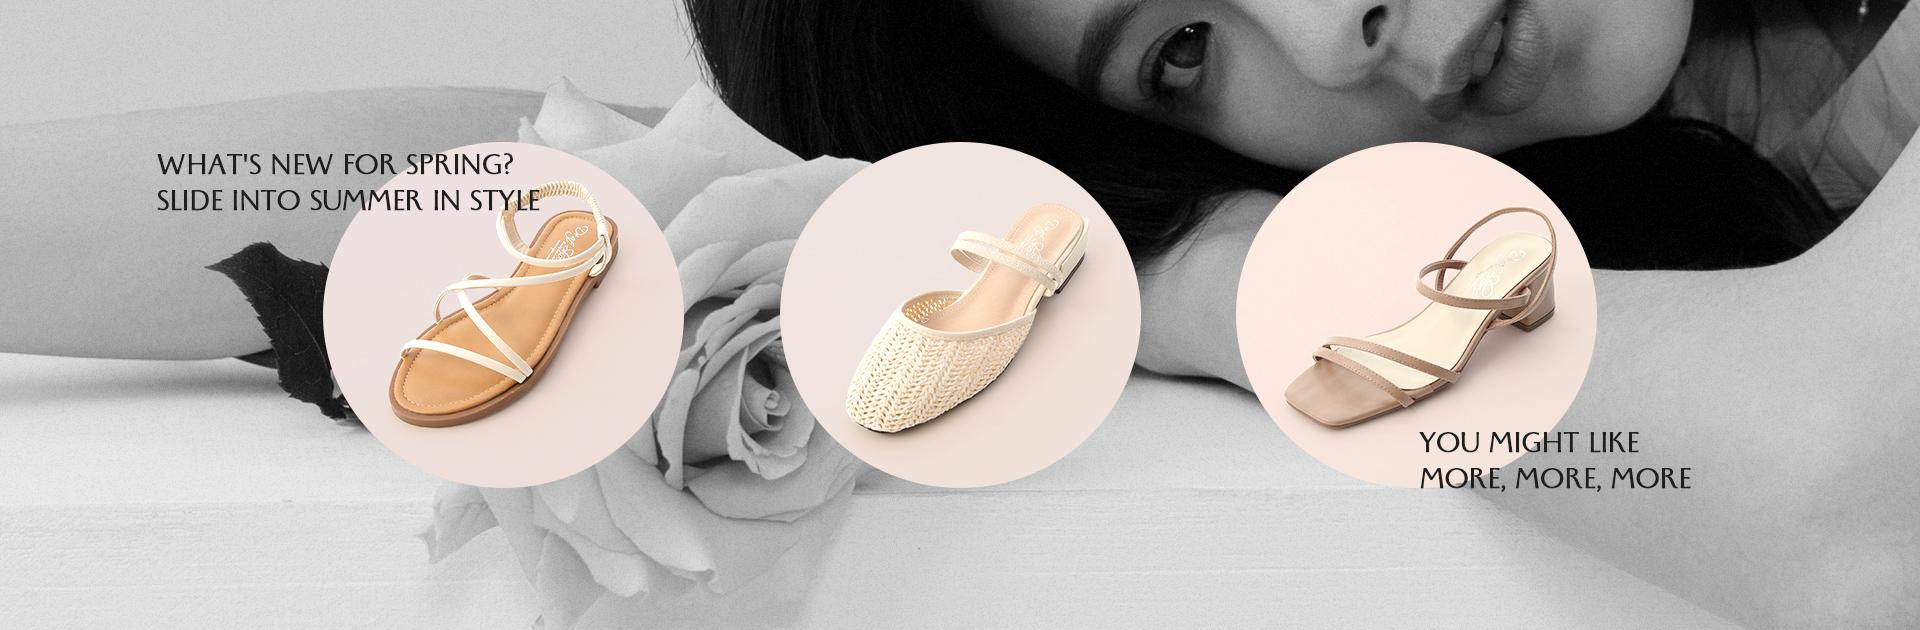 2020夏季新款 涼鞋 編織鞋 樂福鞋 套指拖鞋